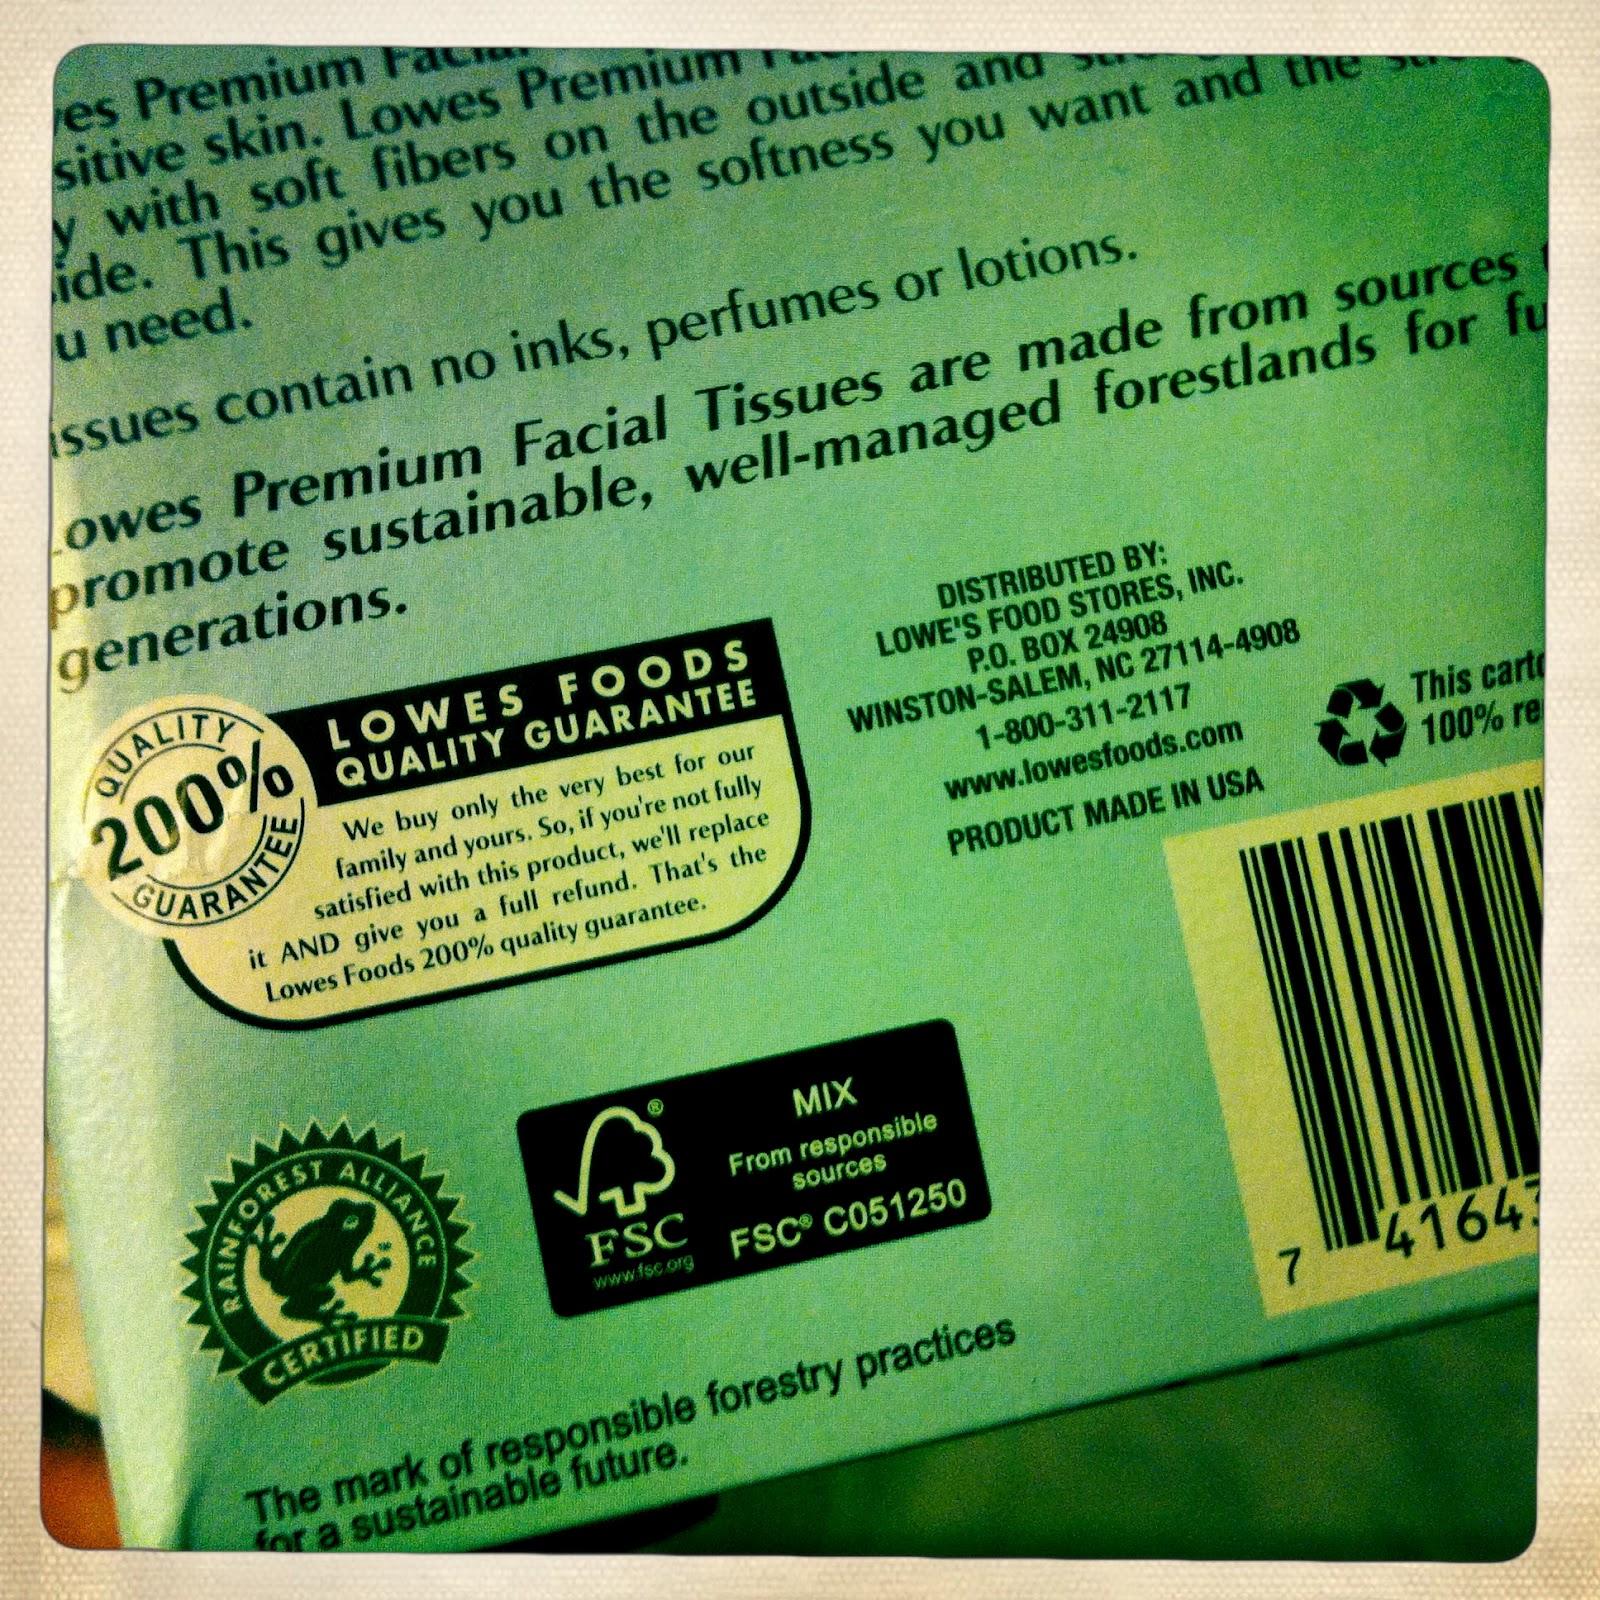 http://3.bp.blogspot.com/-DzGUWXYAUEY/UBvePzEuBuI/AAAAAAAAABc/xm2Q1OK-WJo/s1600/tissues.JPG